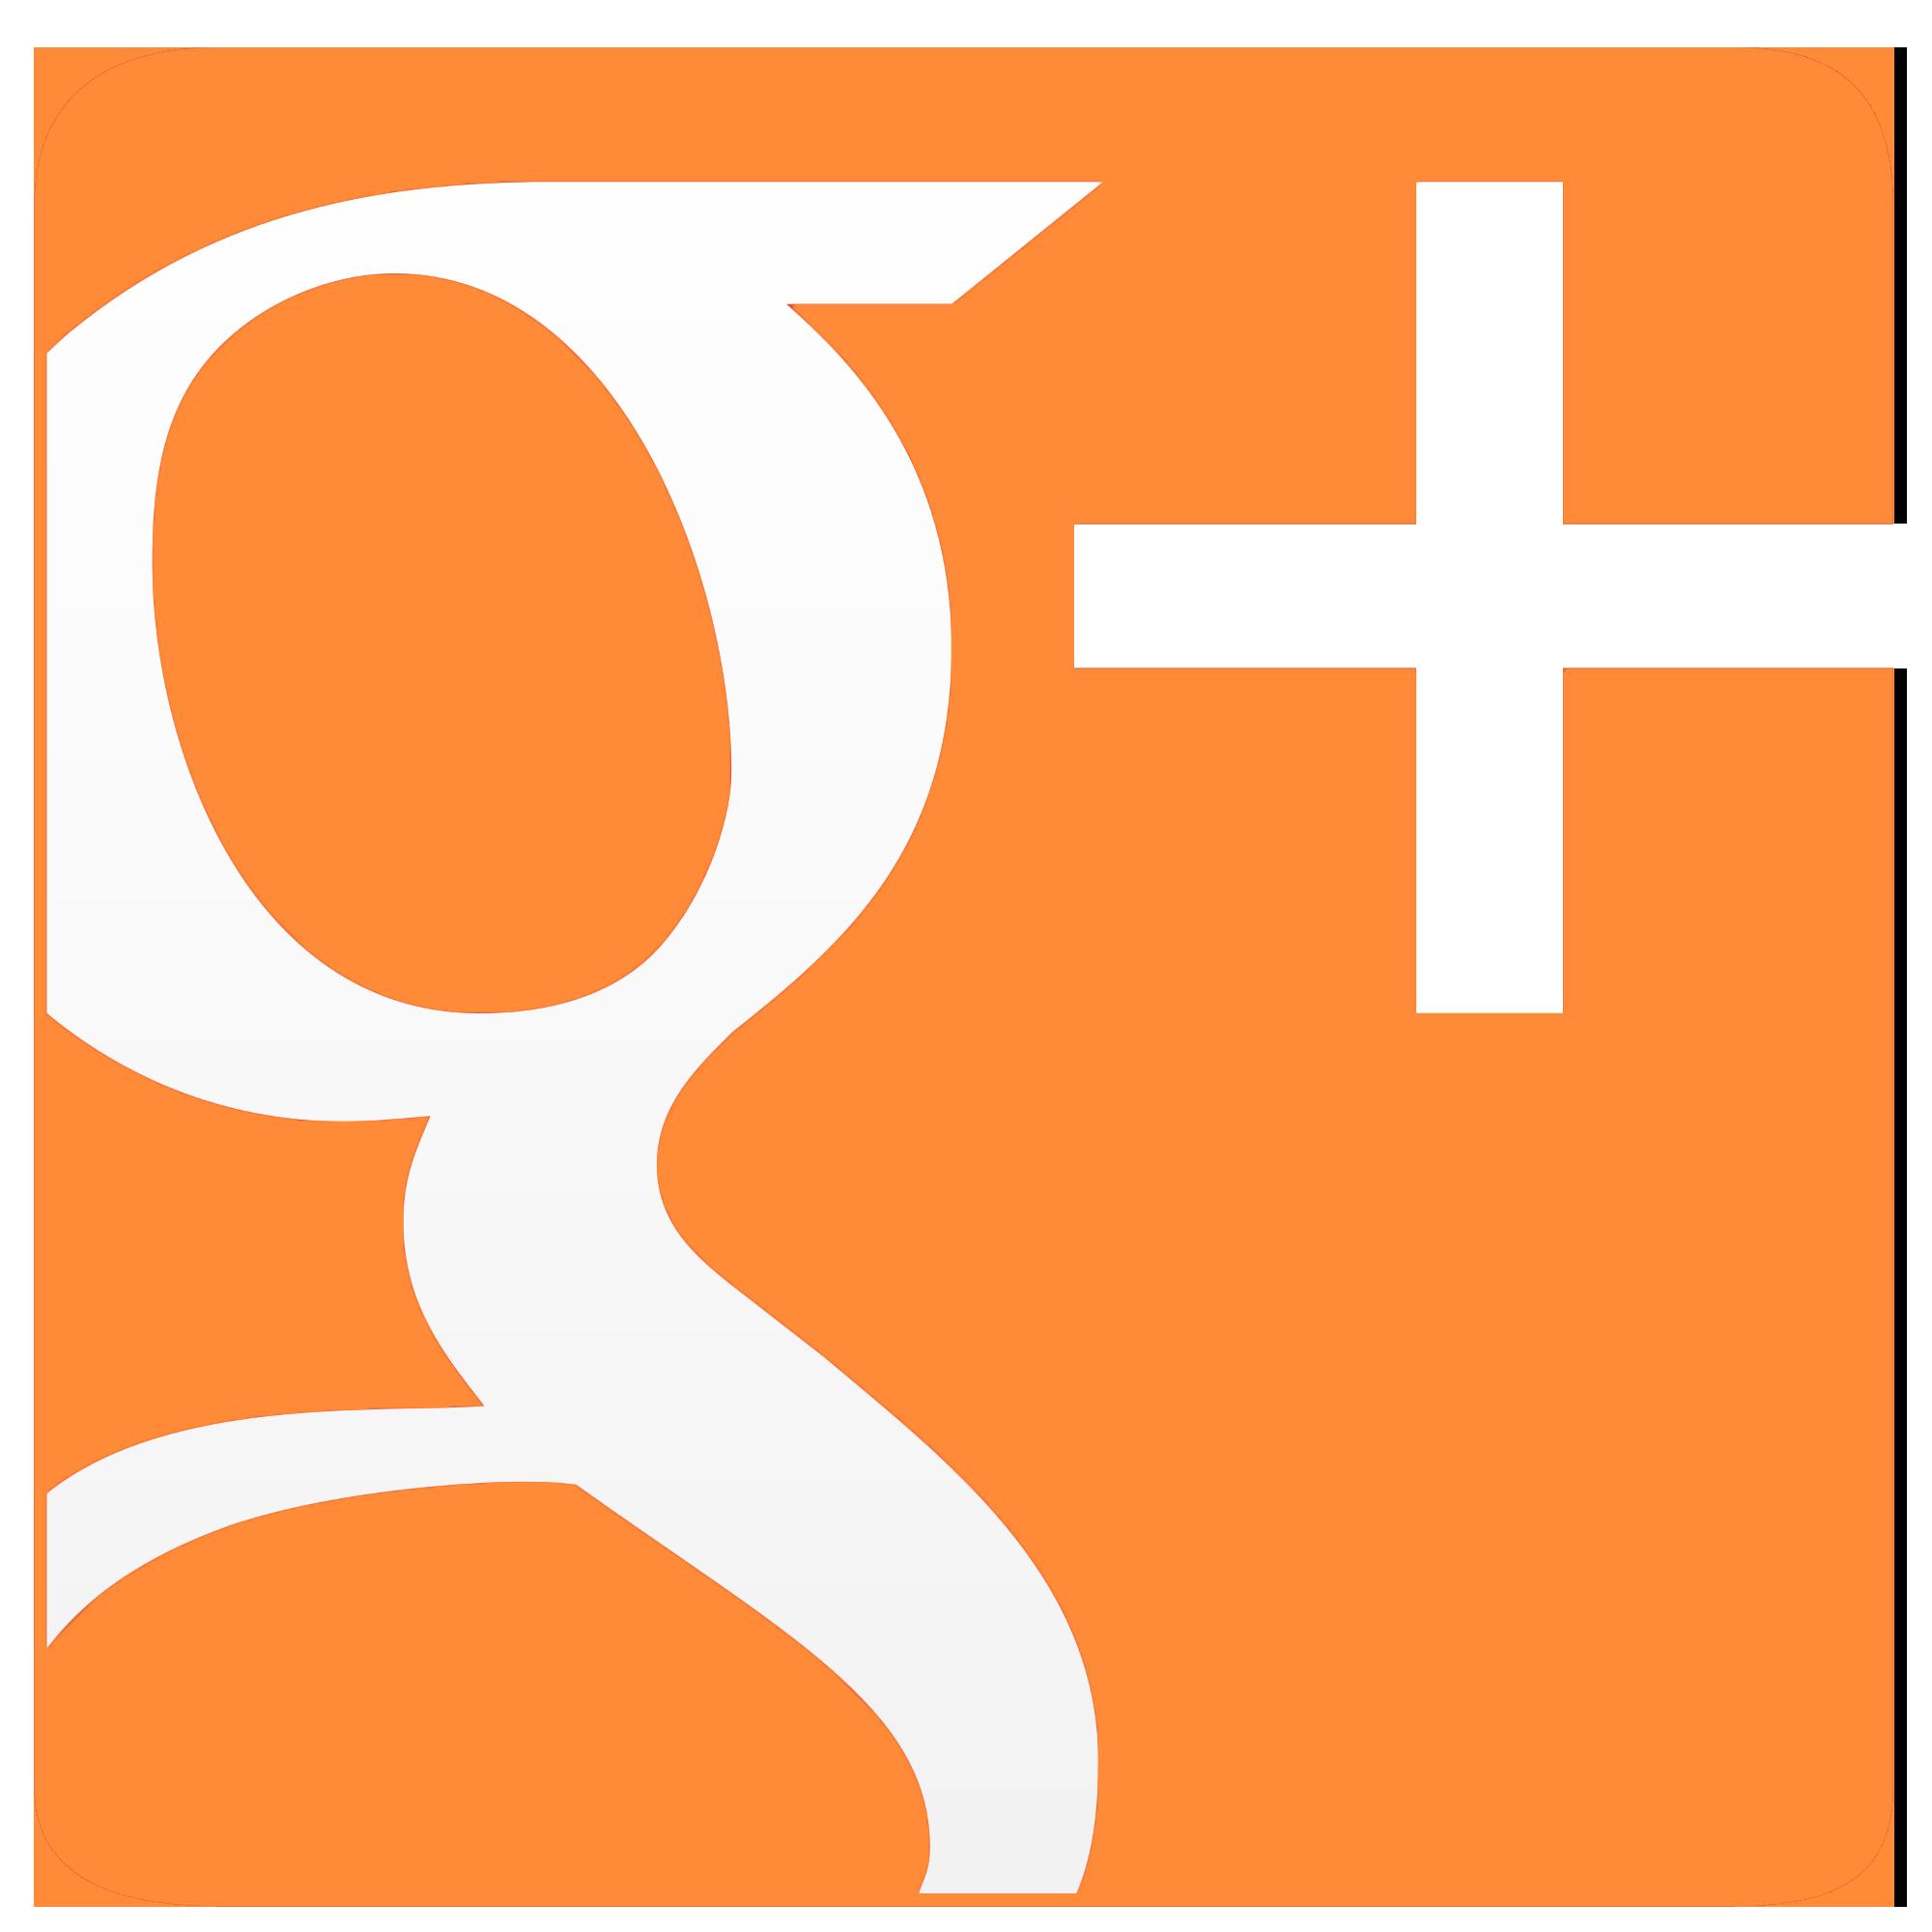 david reimherr google plus